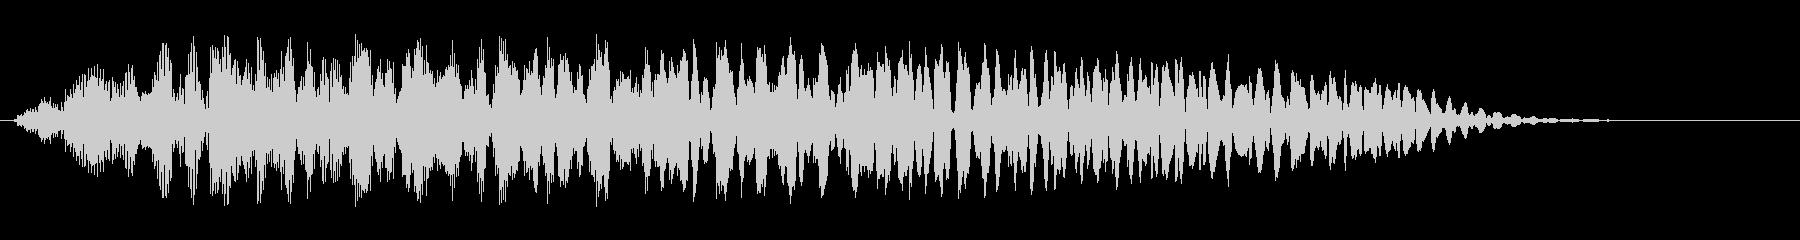 ギュルルル(巻き上げるような音)の未再生の波形